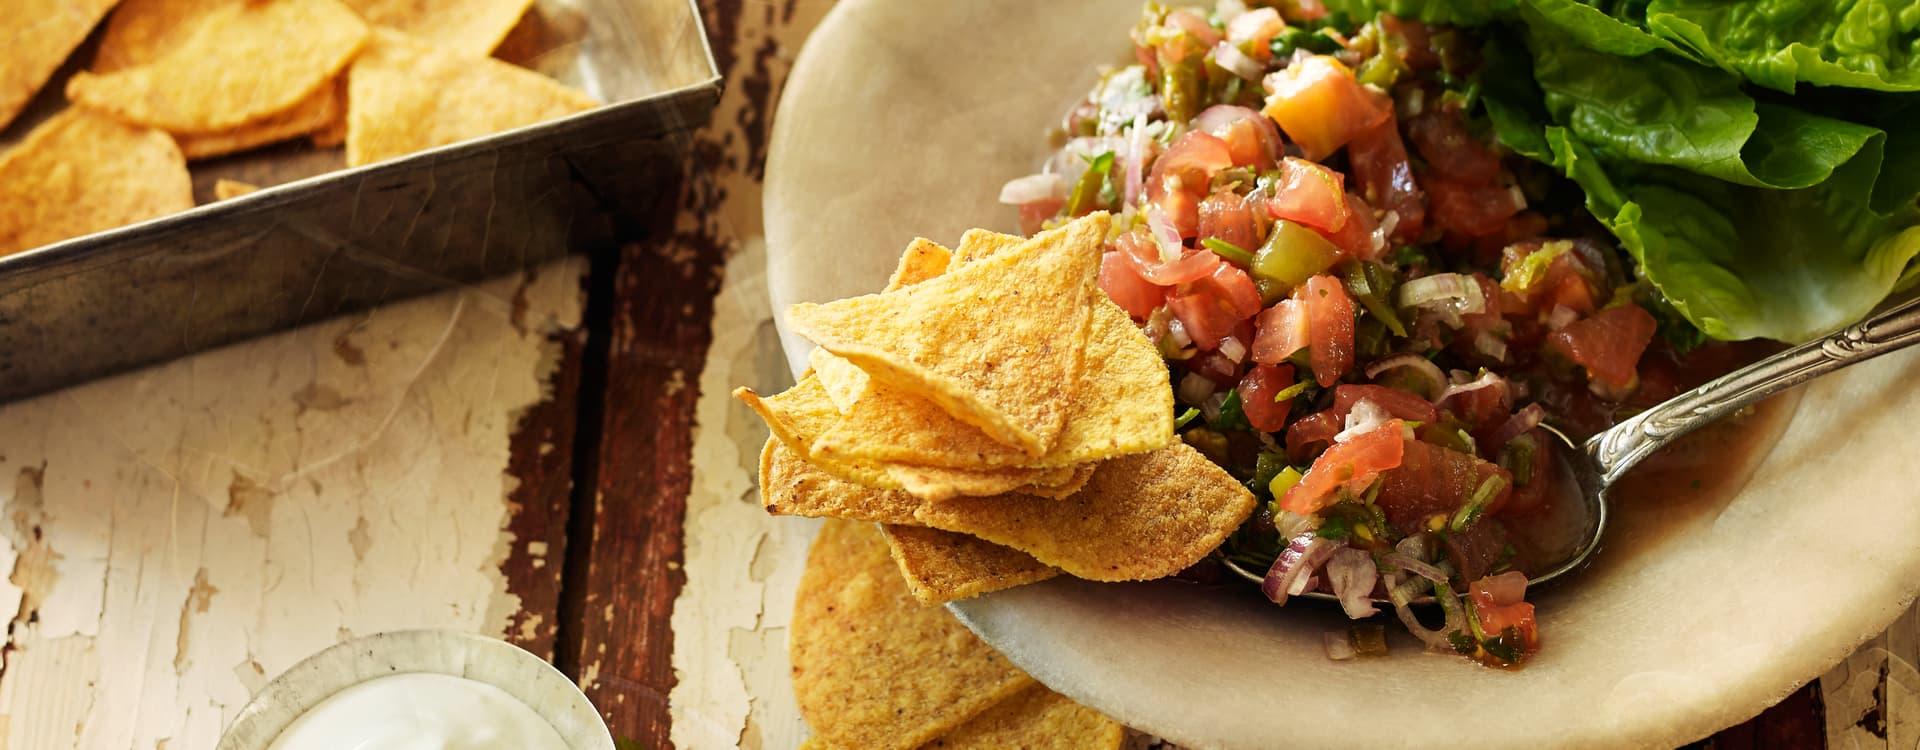 Sterk tomatsalsa med rømme og tortilla